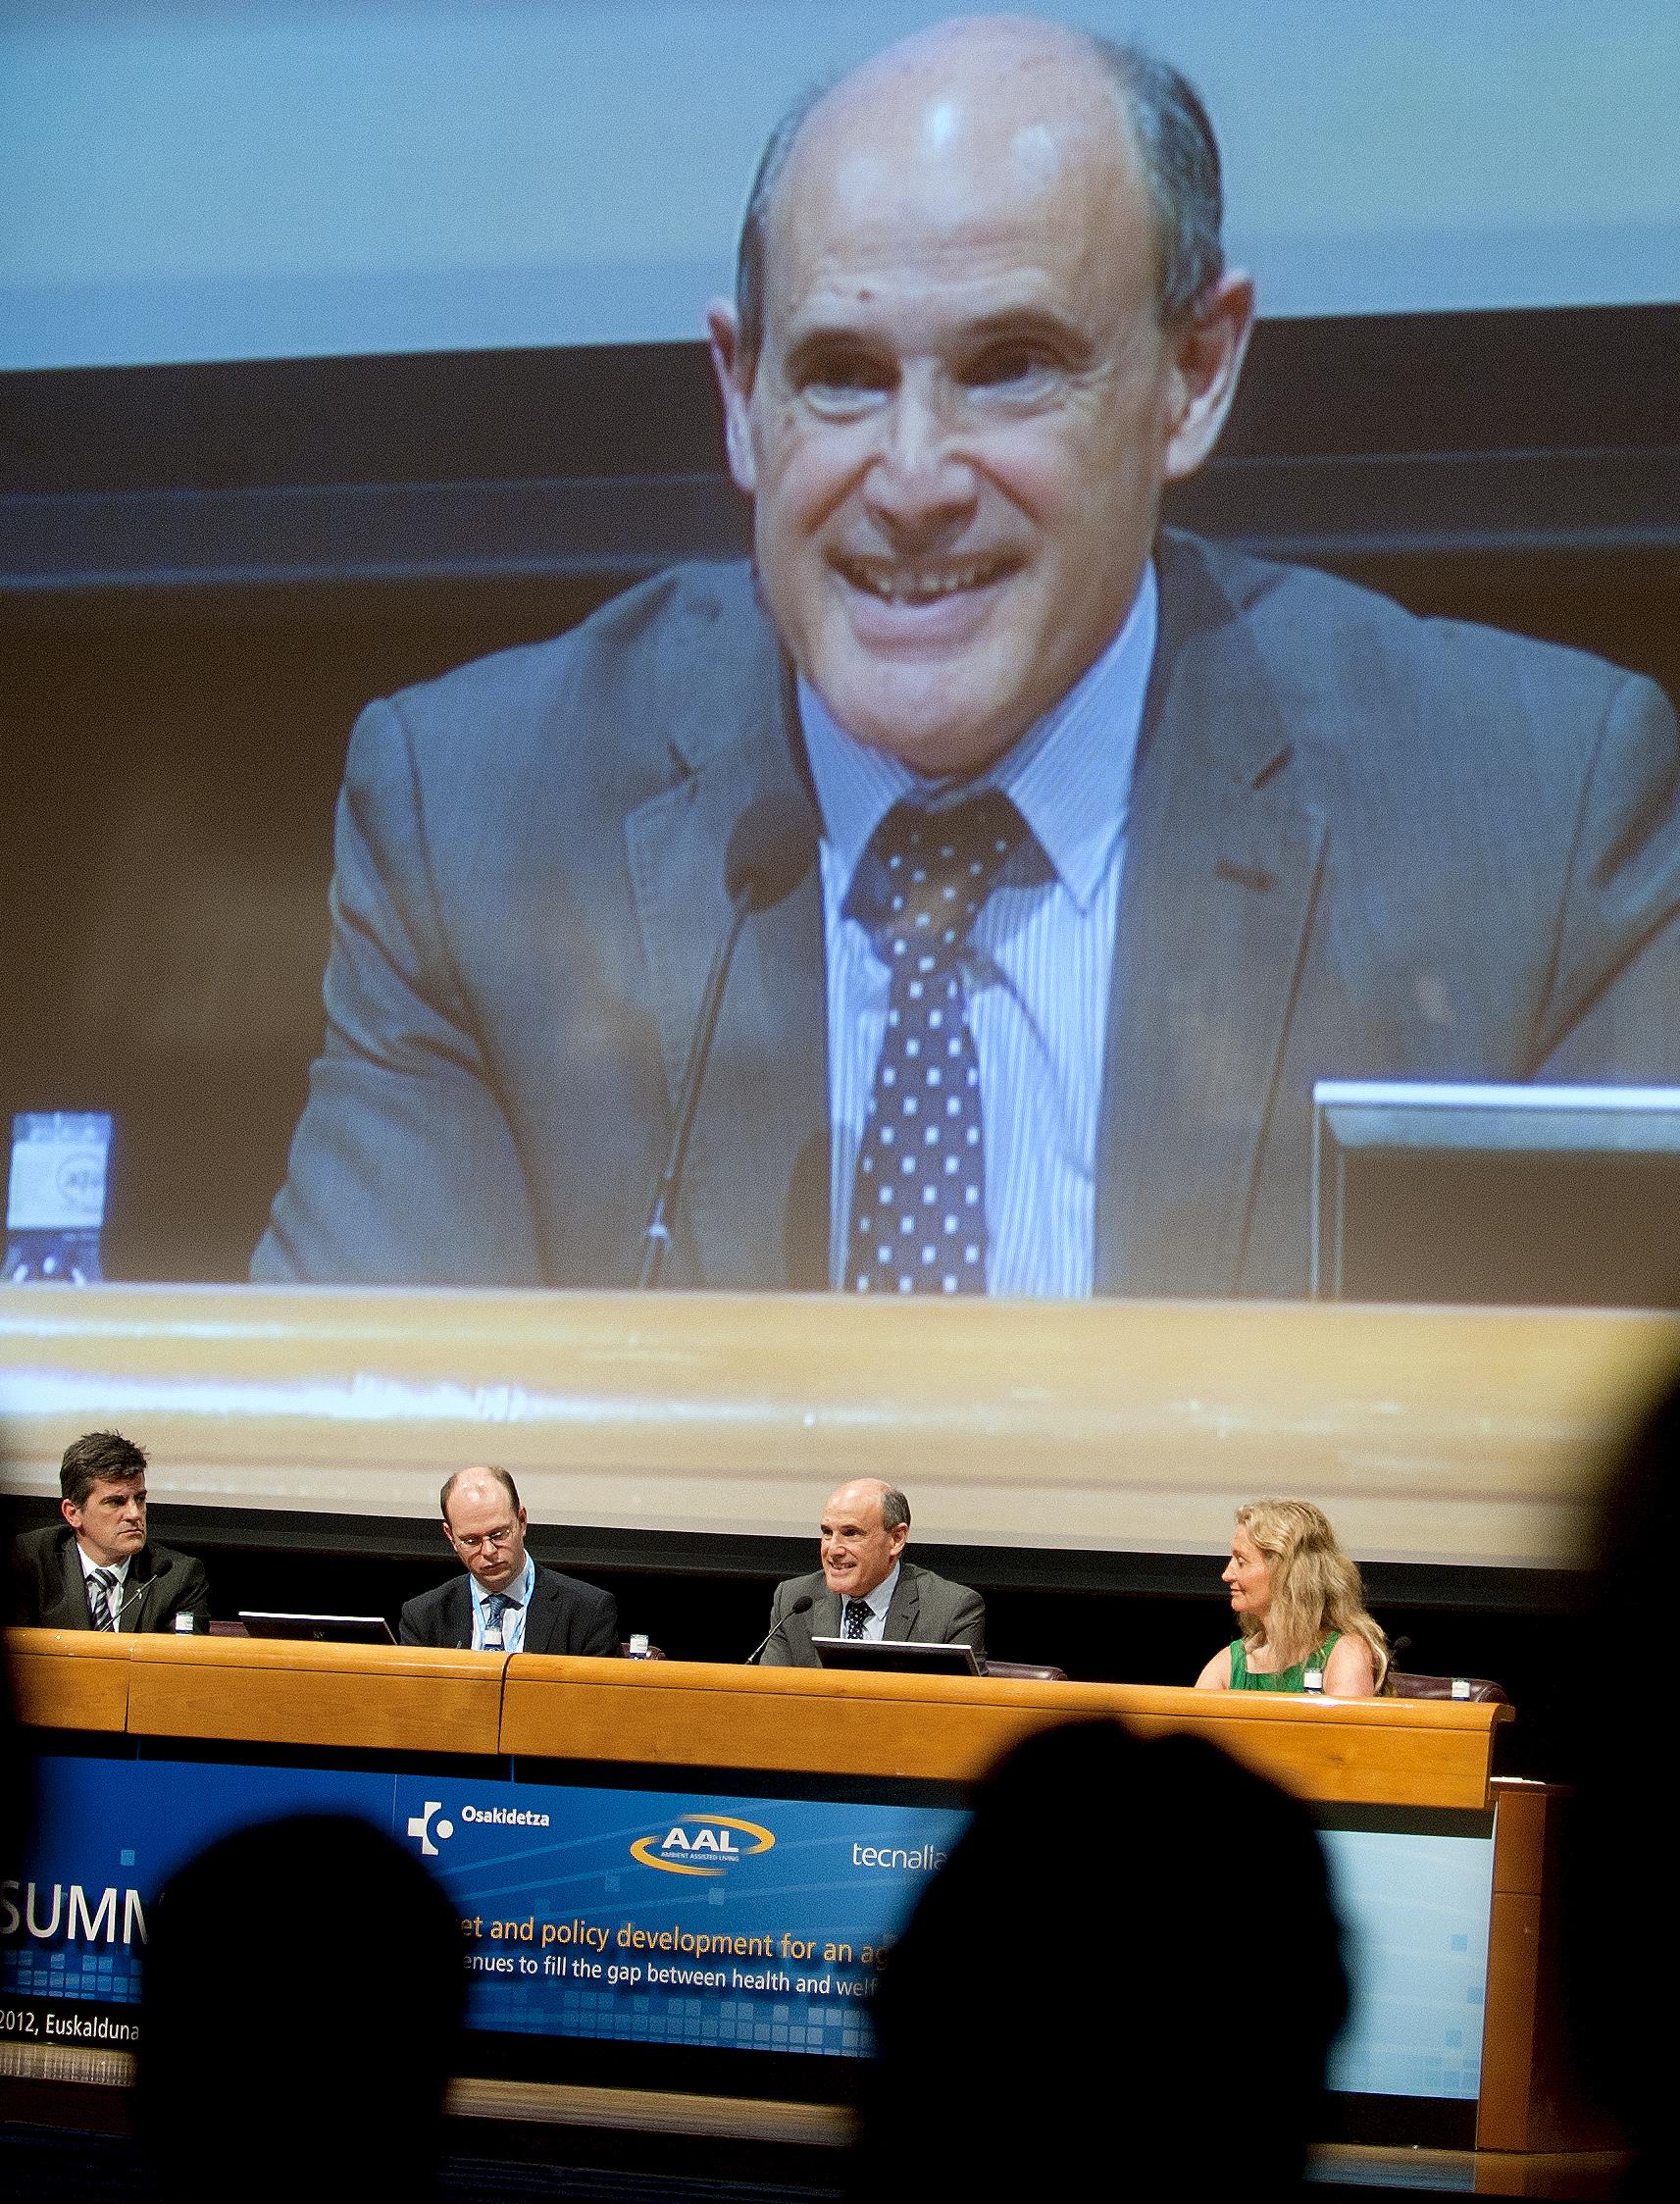 2012_06_29_congreso_aal_summit_10.jpg